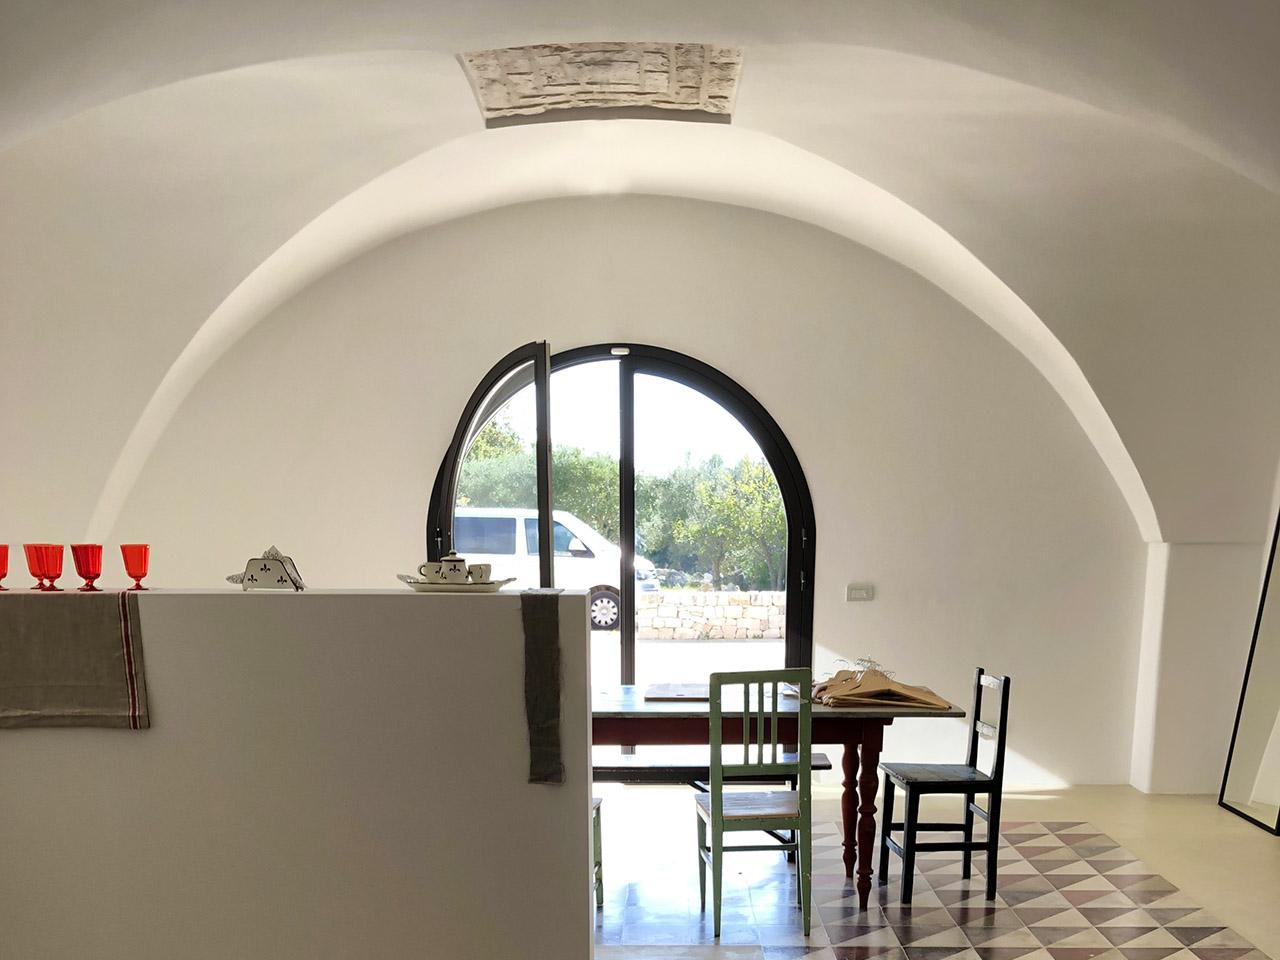 costruzioni restauri sirio ostuni residenza privata ristrutturazione minetta cisternino img 1657